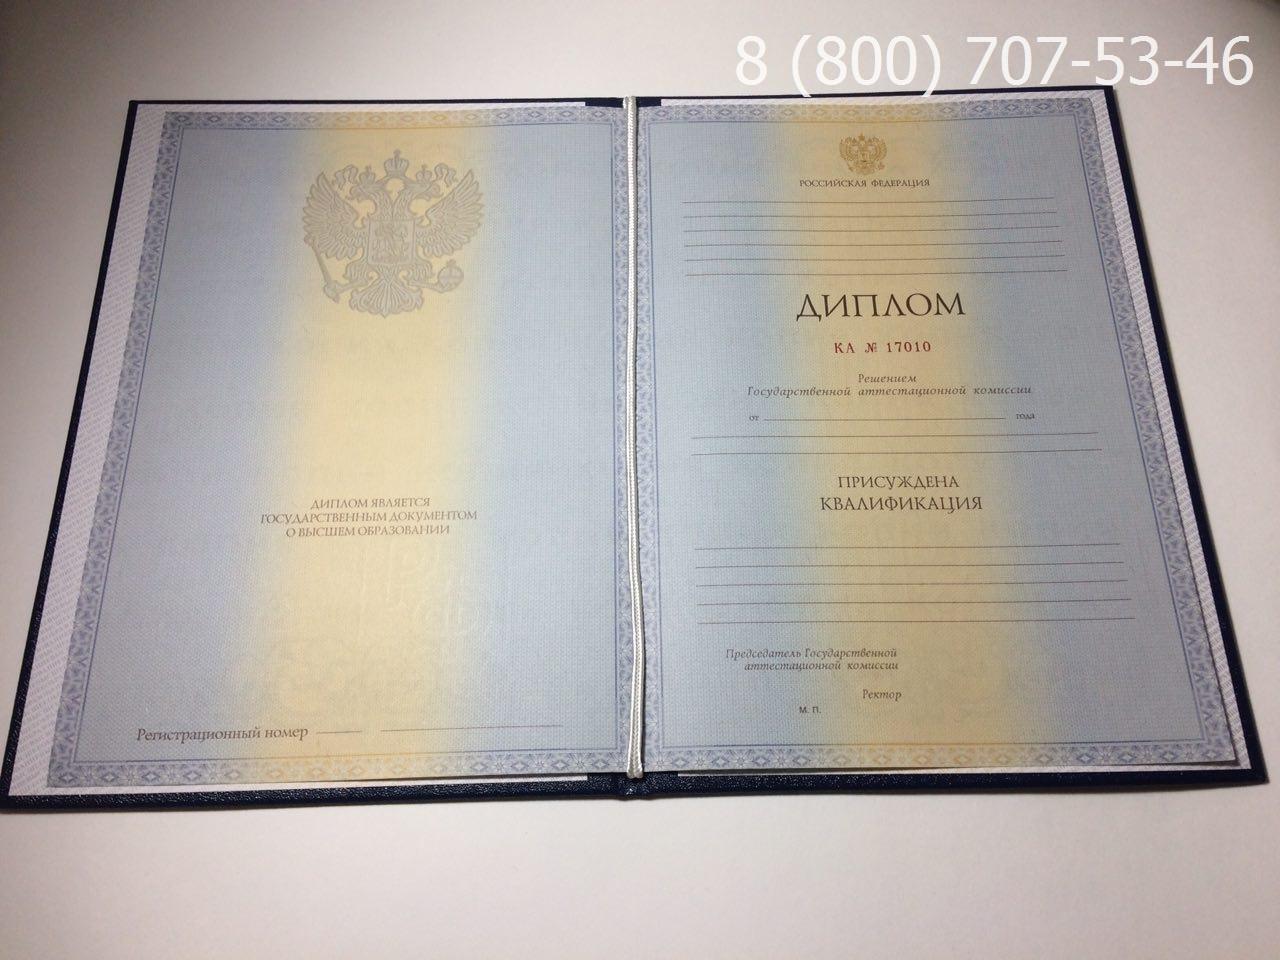 Диплом о высшем образовании 2012-2013 годов